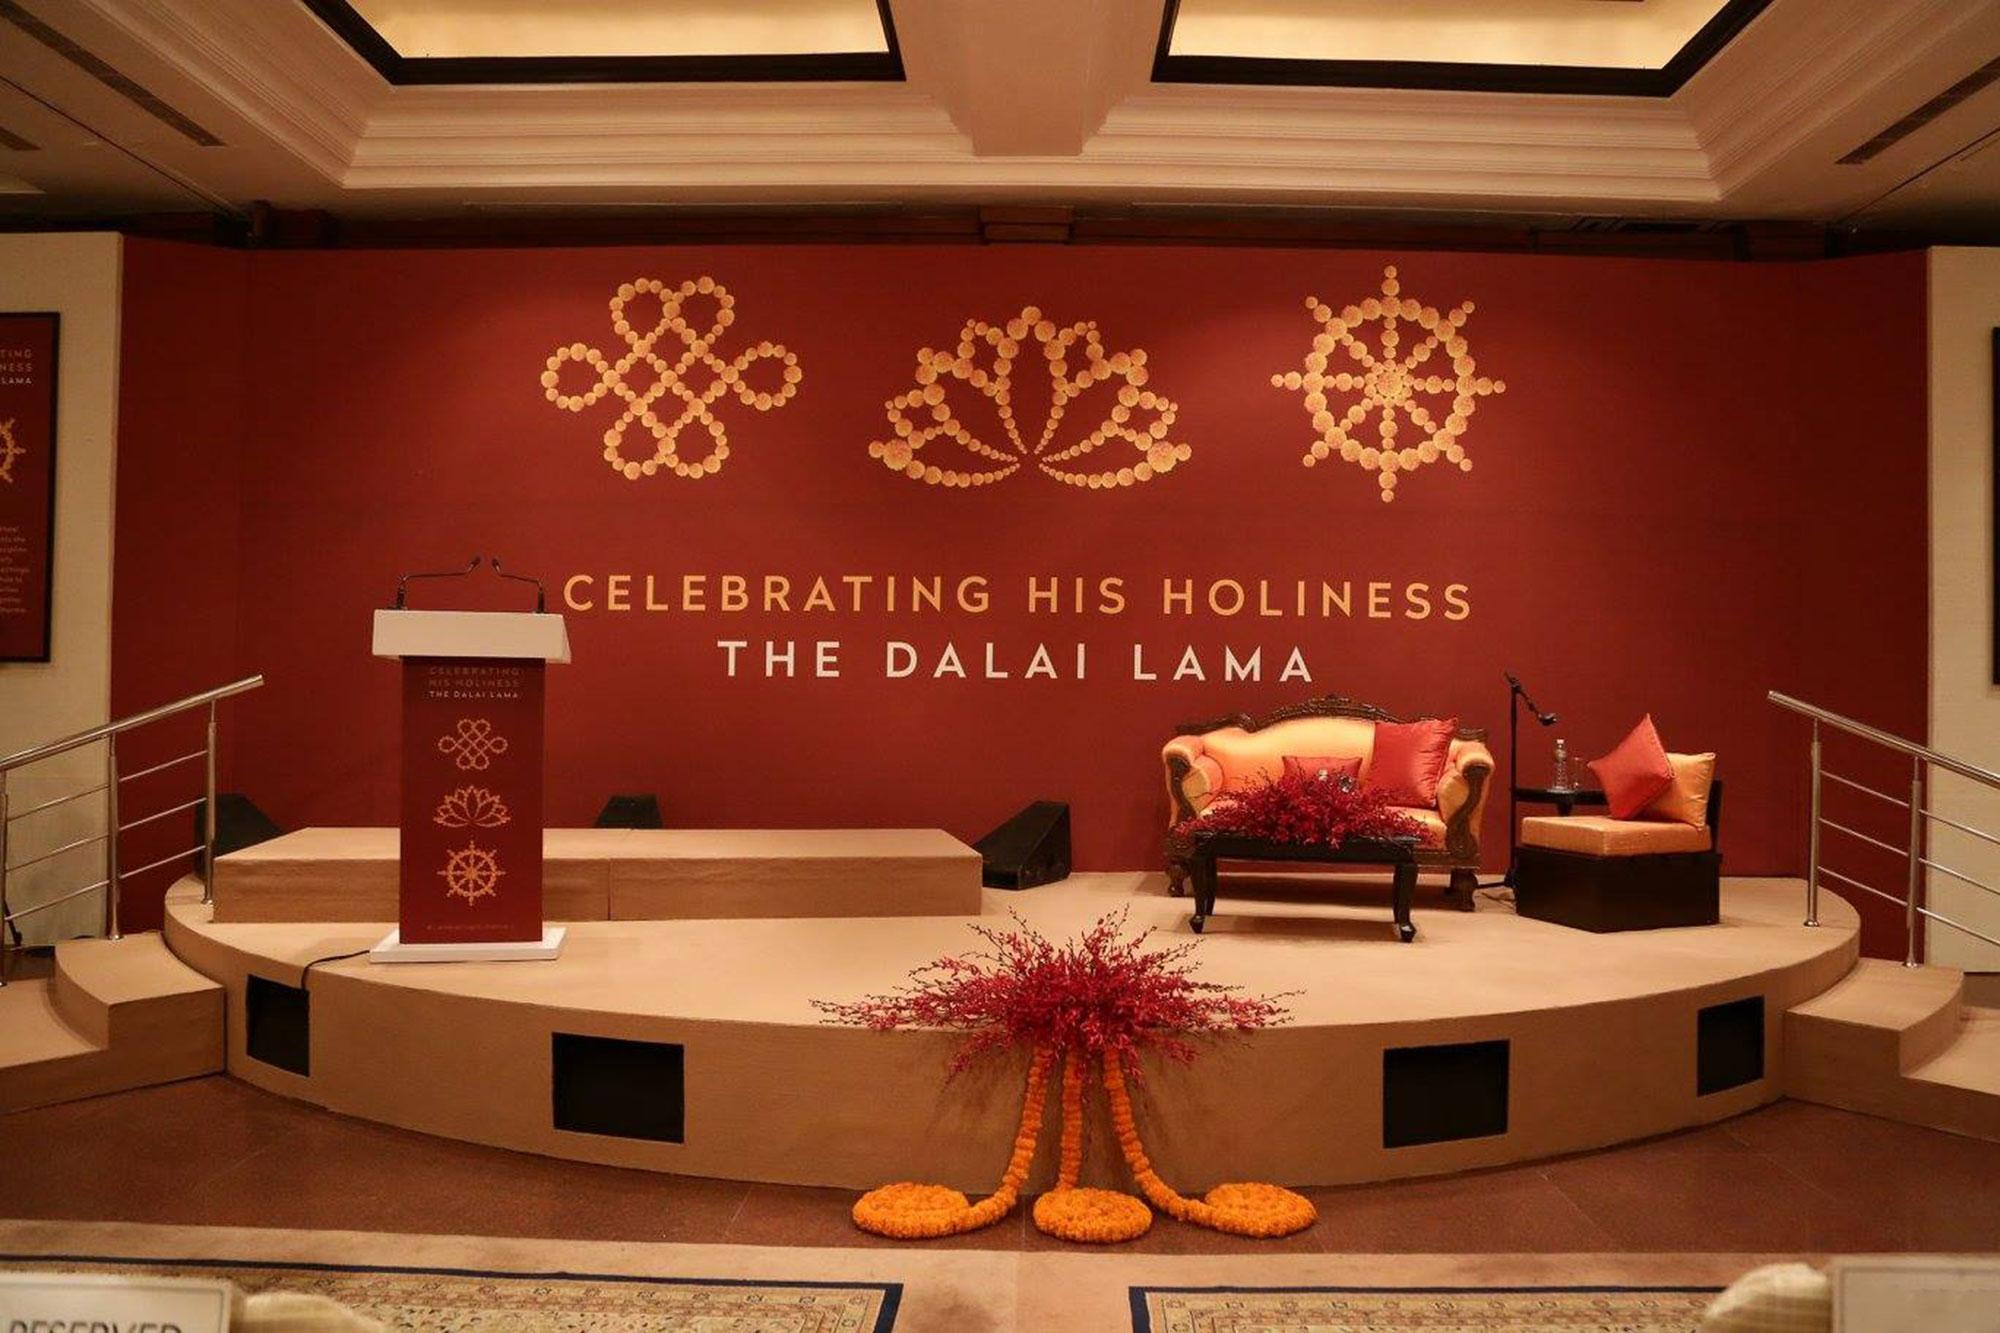 Dalai-Lama-Event